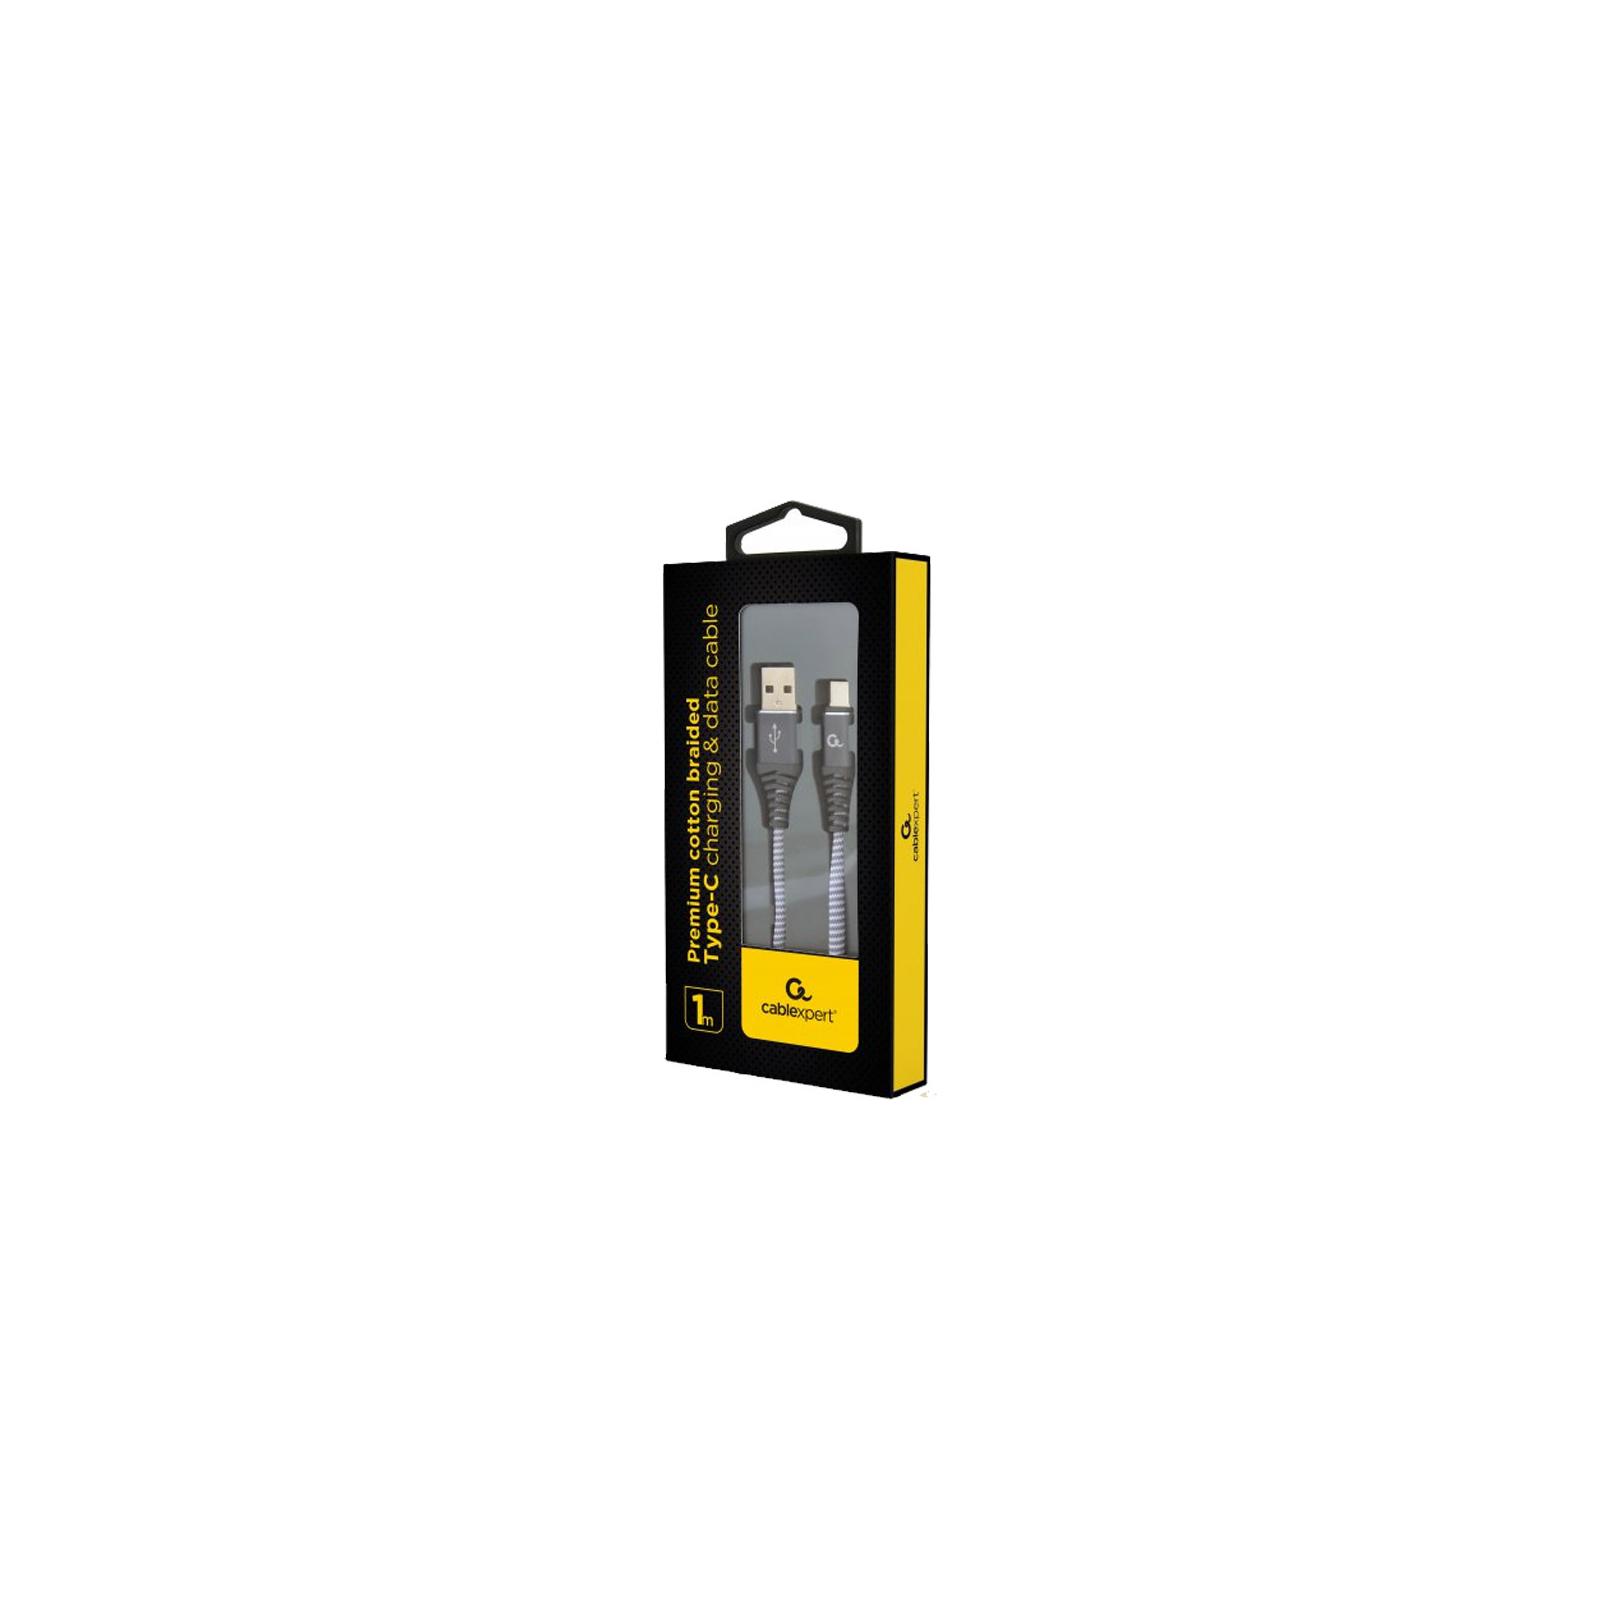 Дата кабель USB 2.0 AM to Type-C 1.0m Cablexpert (CC-USB2B-AMCM-1M-PW) изображение 2